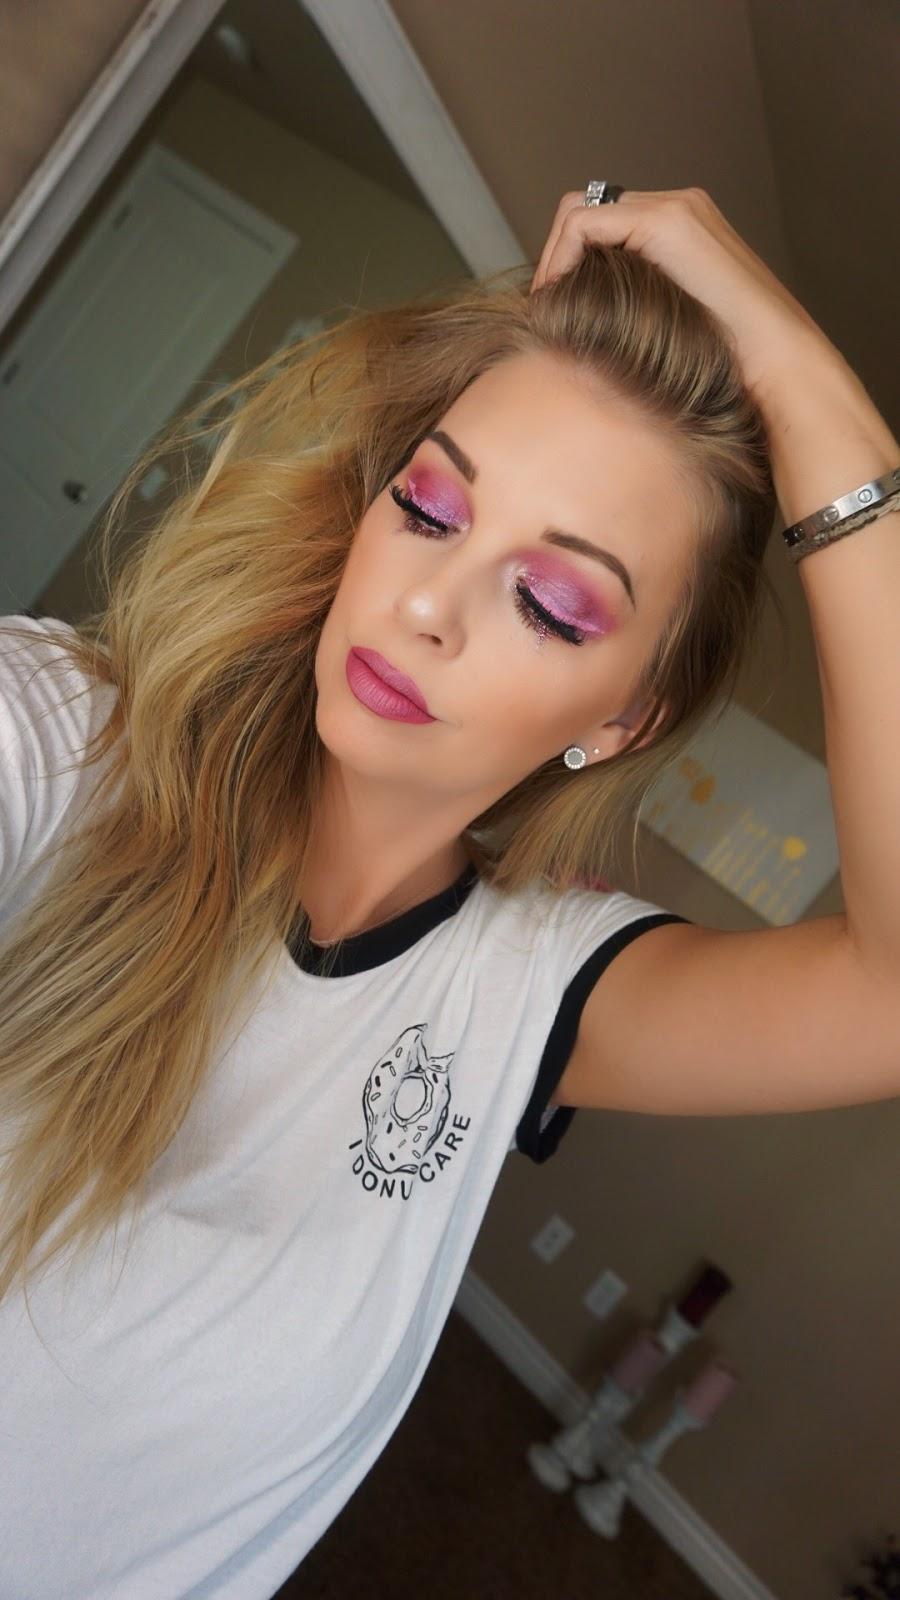 Bubblegum Pink Glitter Tears justmelsdotcom Orglamix